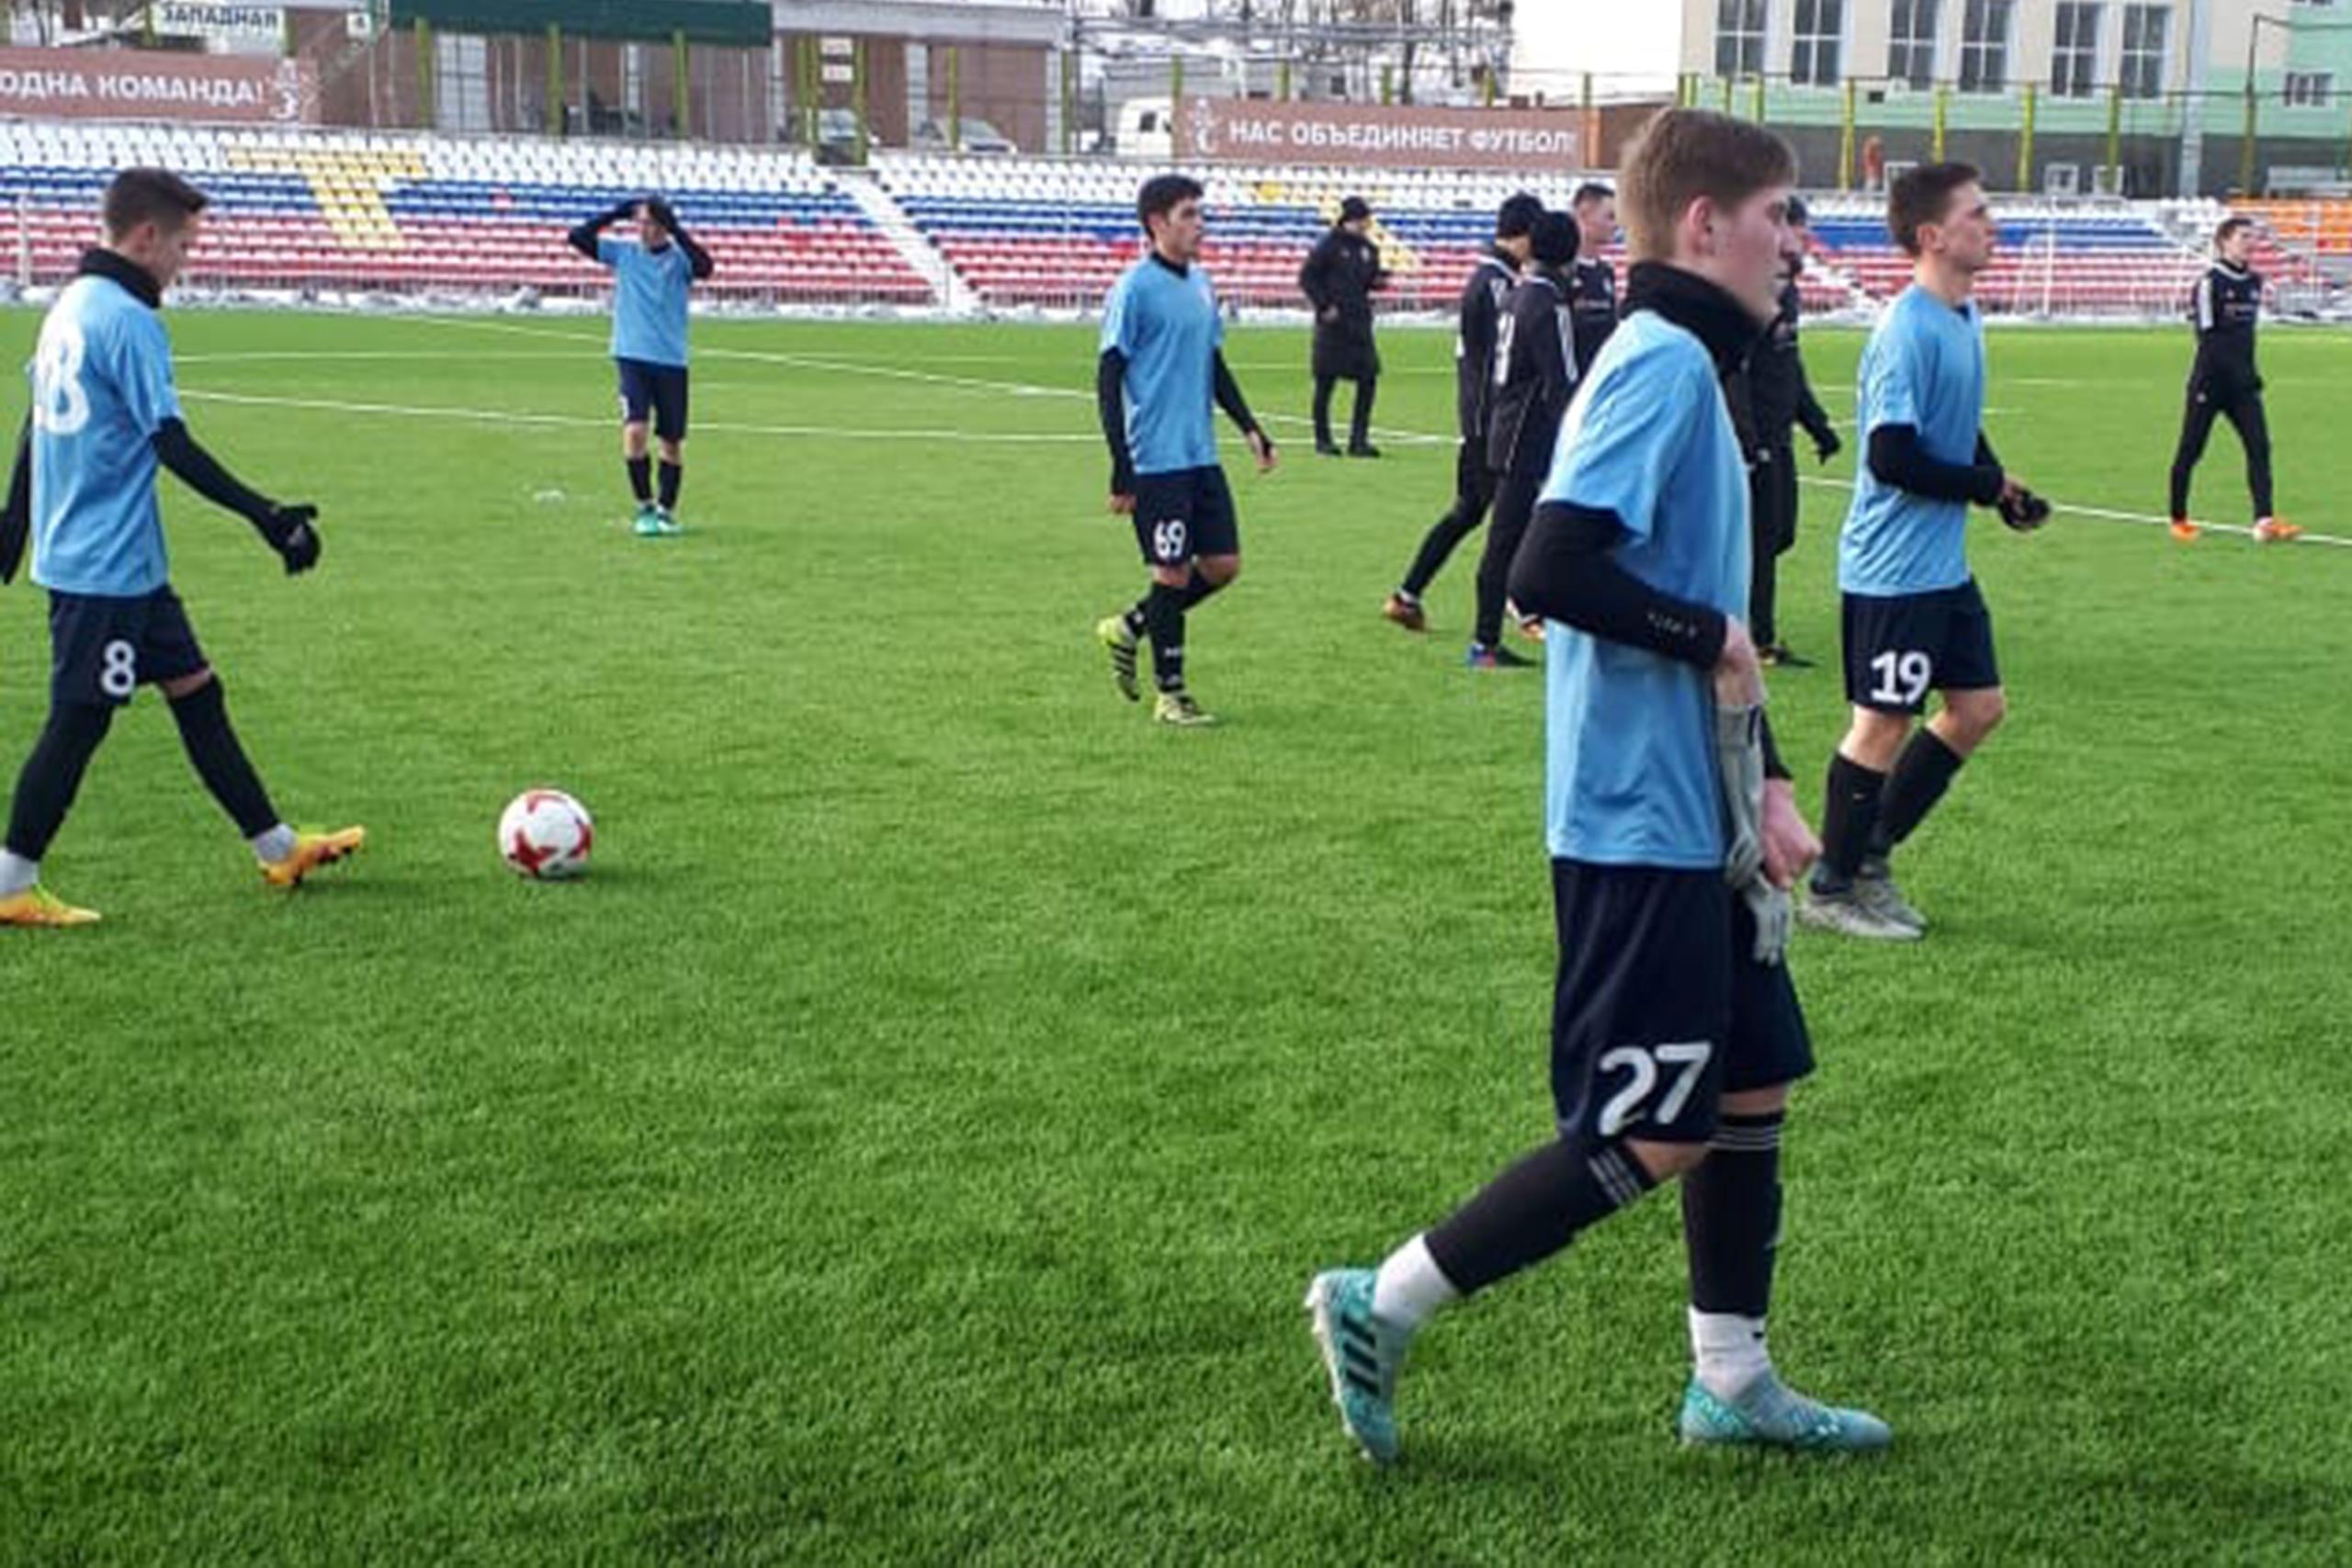 Торпедо-Владимир-2 - Знамя Труда-2